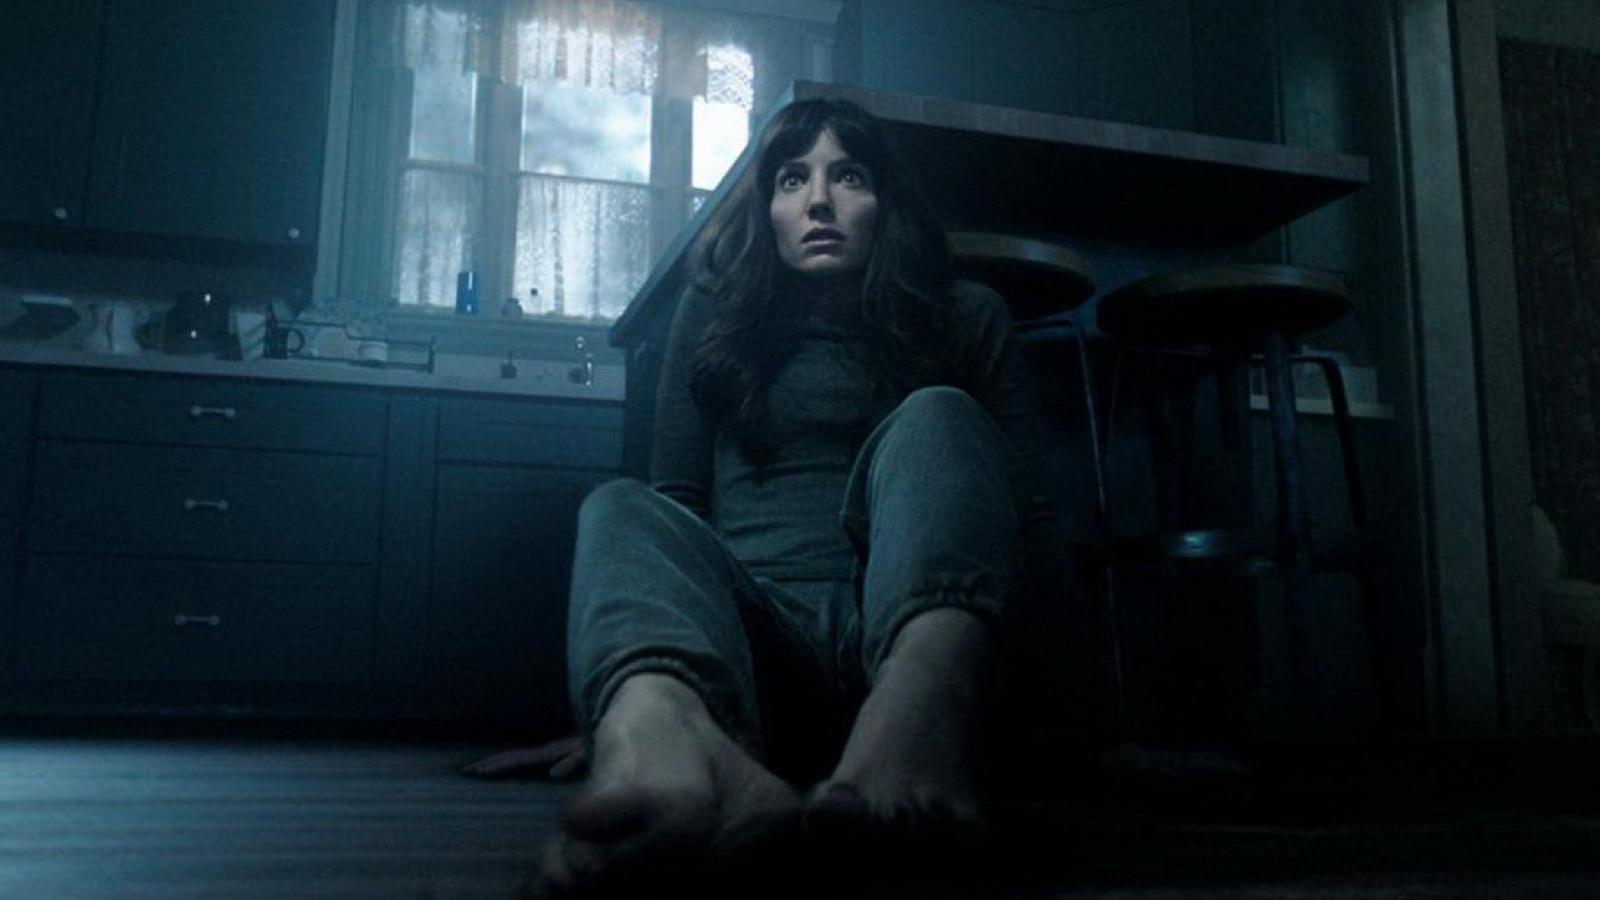 """Siêu phẩm kinh dị mới do James Wan đạo diễn tiếp tục tung trailer """"nổi gai ốc"""""""